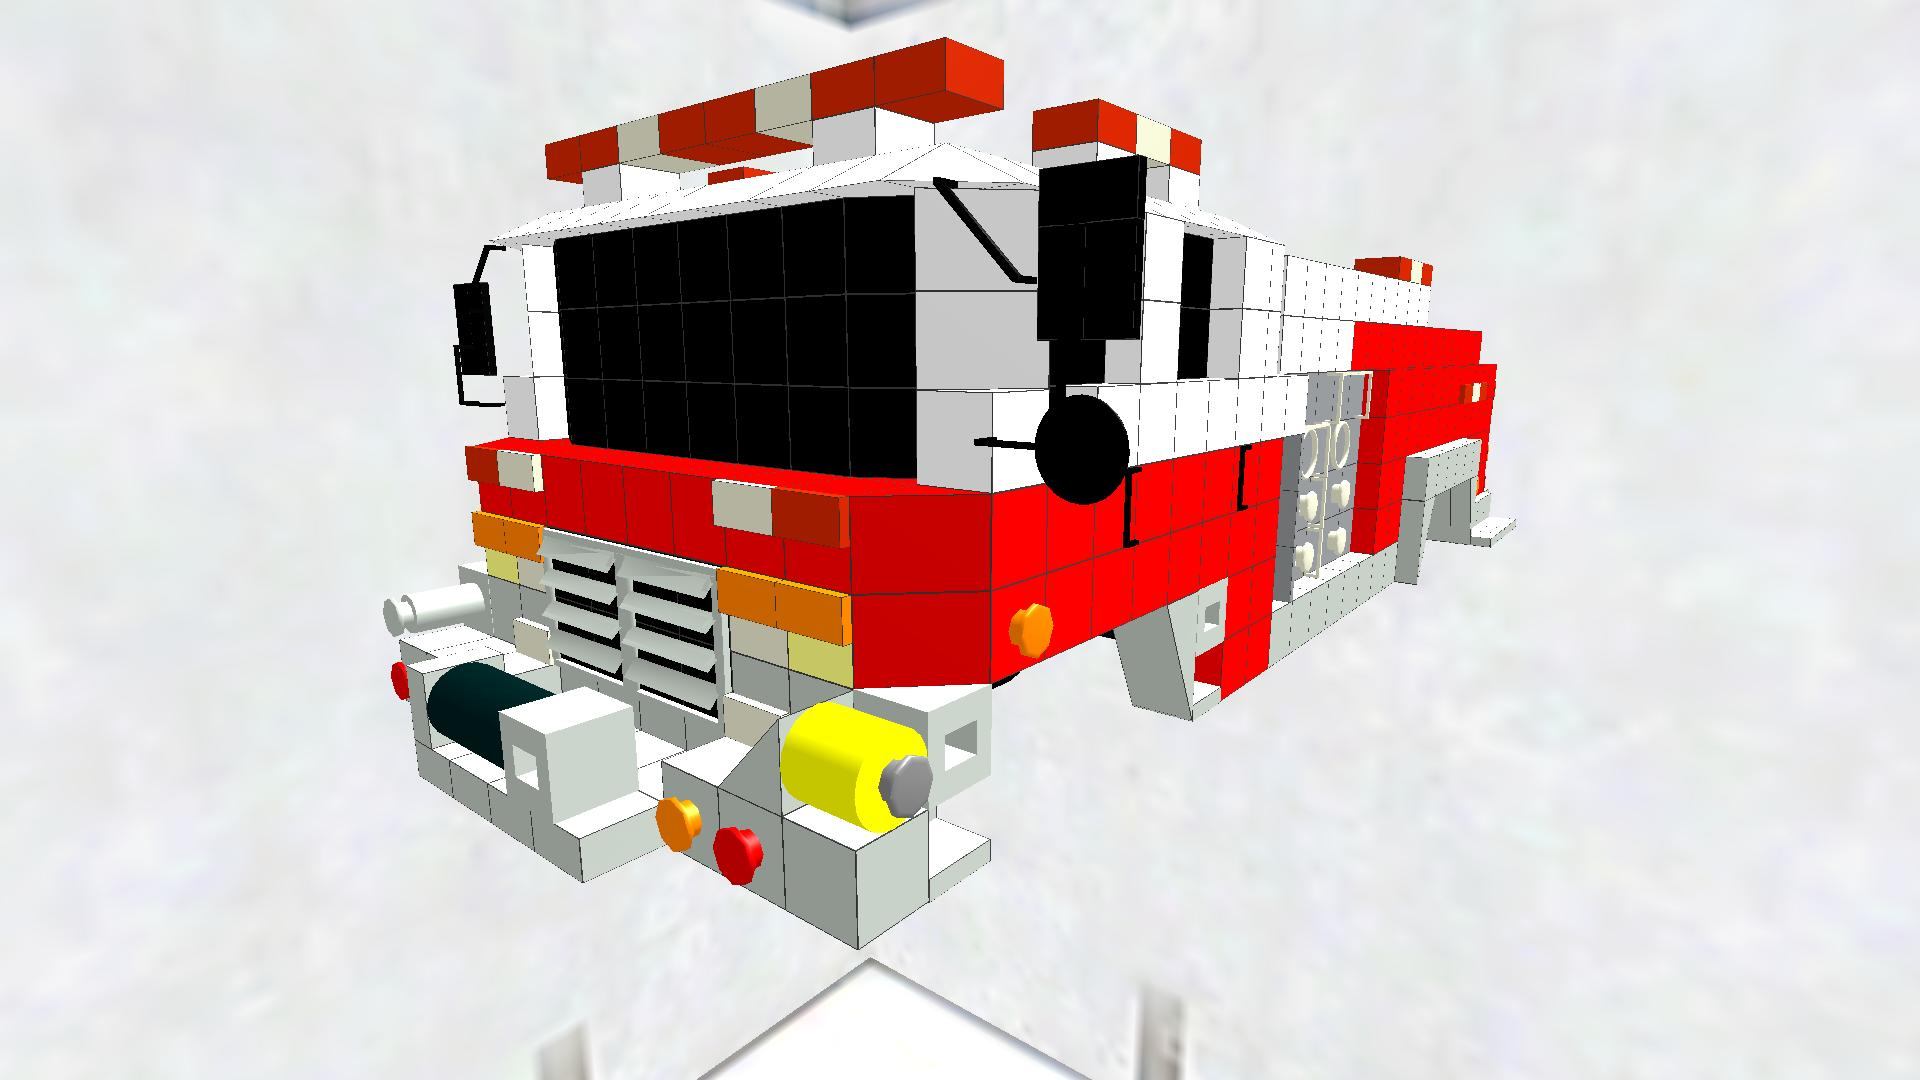 U.S fire engine